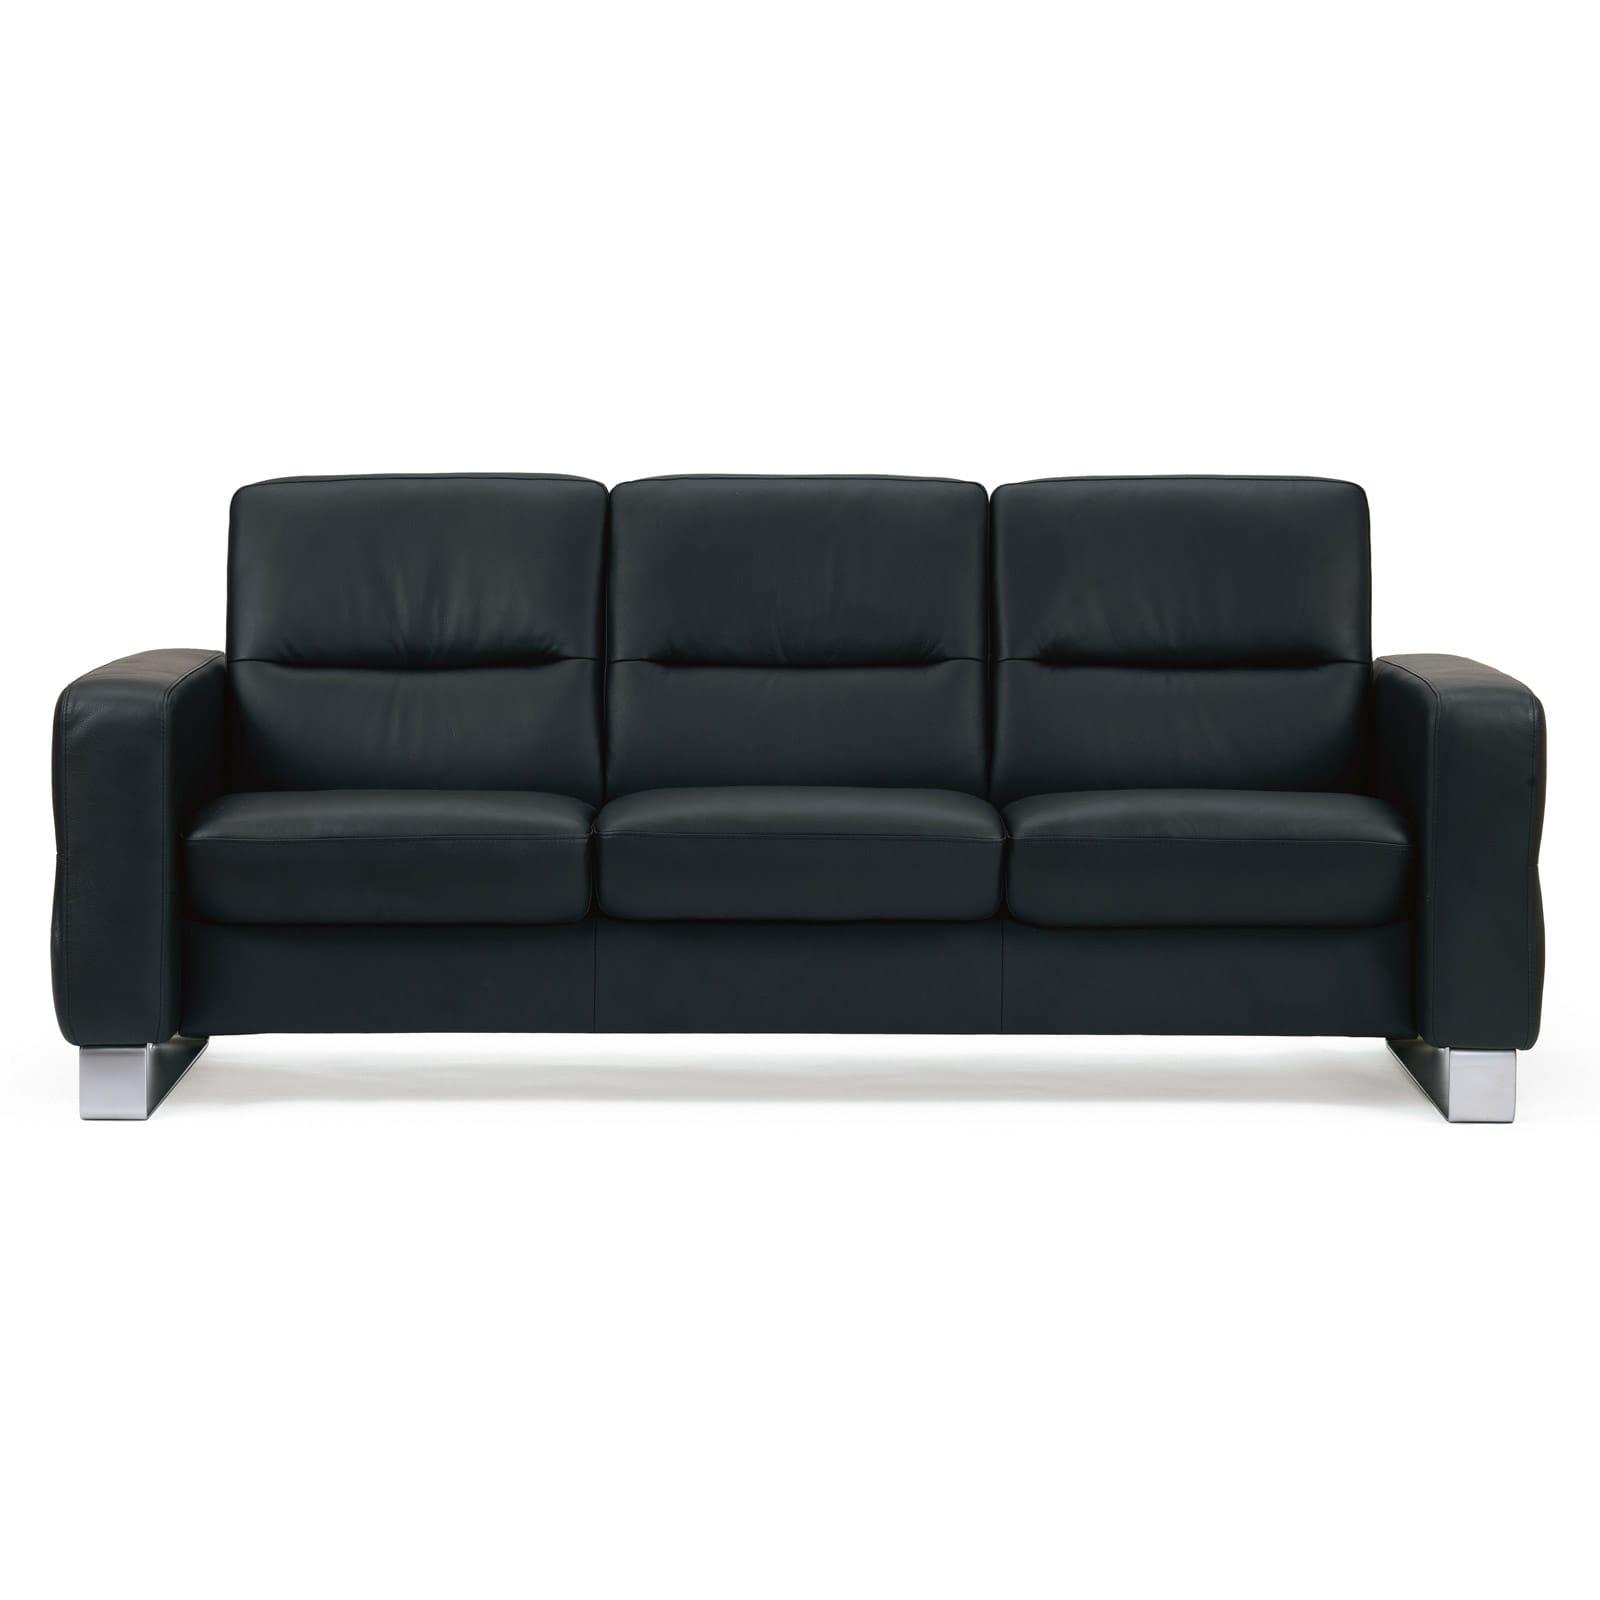 stressless sofa 3 sitzer wave m niedrig paloma black. Black Bedroom Furniture Sets. Home Design Ideas